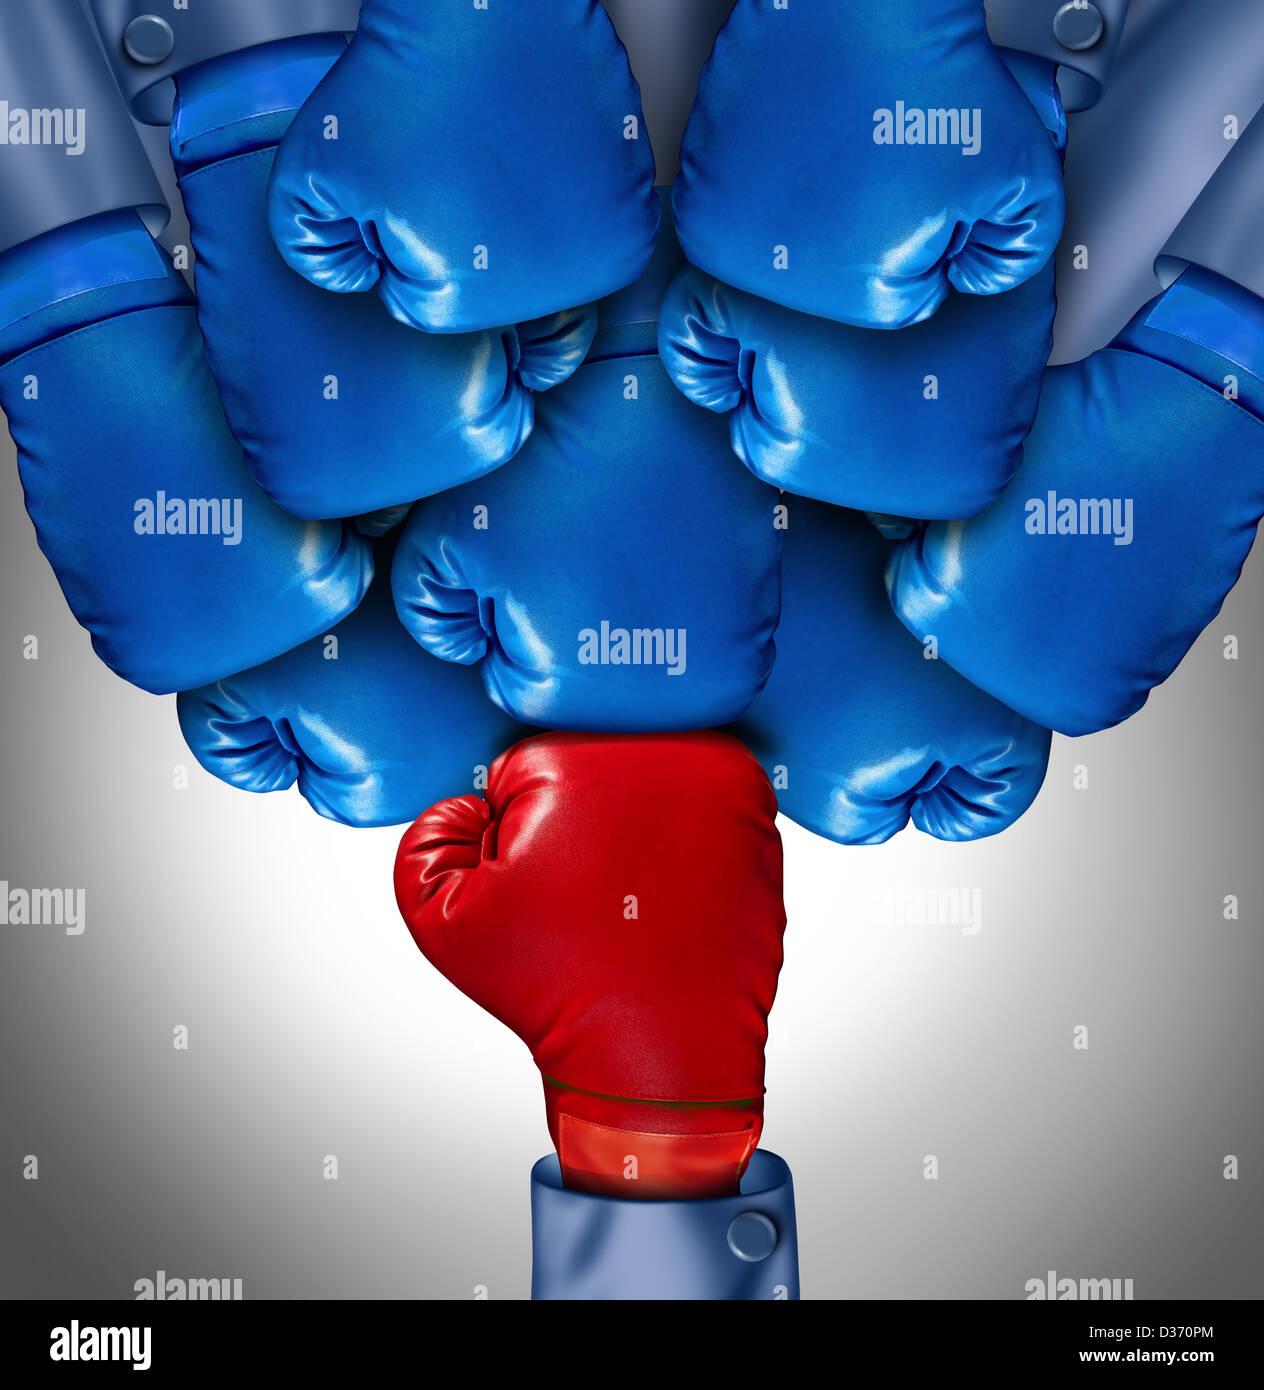 Superar la adversidad y venciendo retos como un grupo de azul Guantes boxeo estamos agrupando en un único guante Imagen De Stock